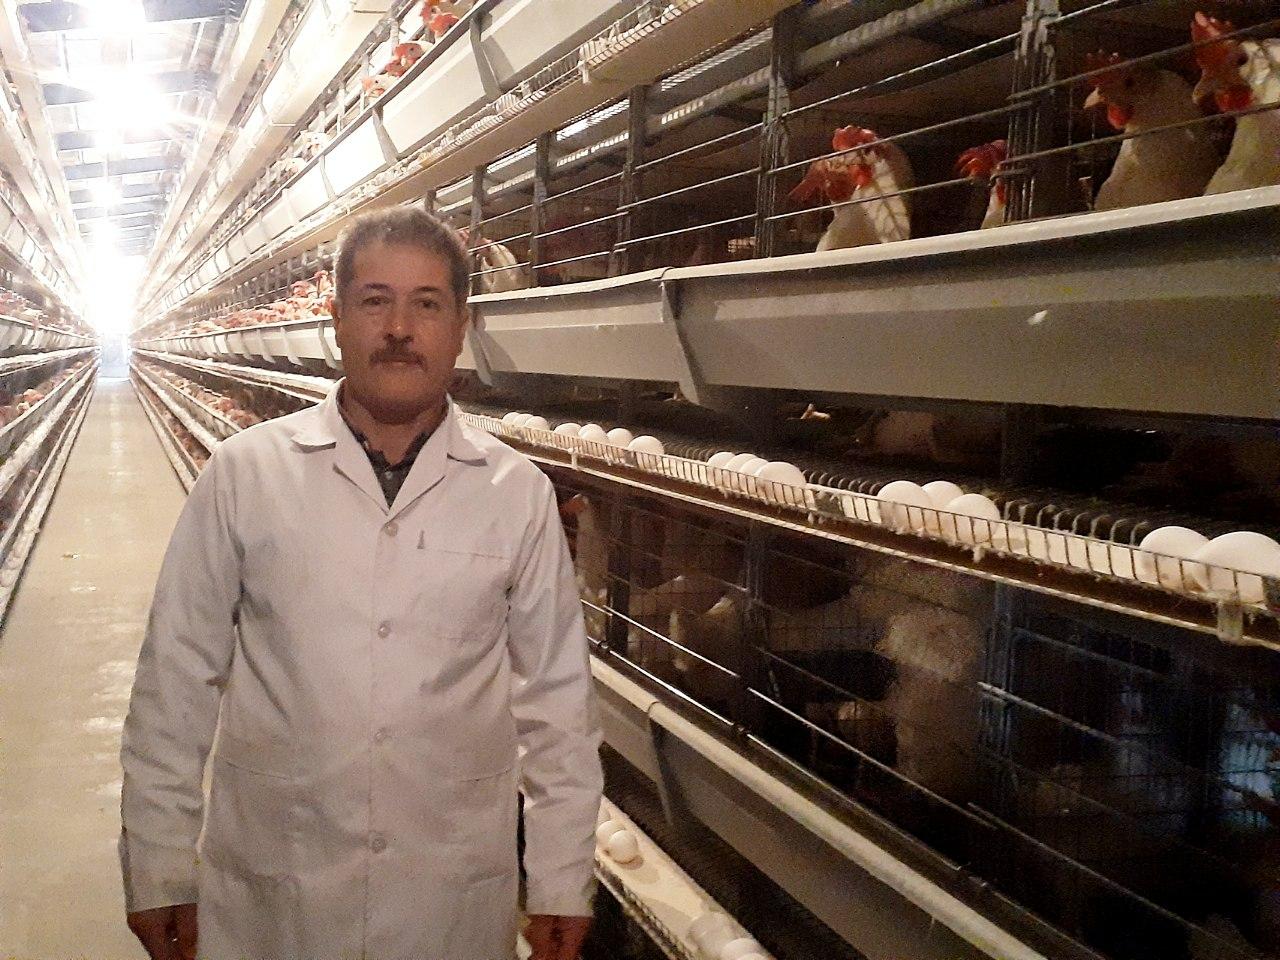 حال و روز ناخوش واحد مرغ تخمگذار فاروج/ مشکلات پیگیری می شود,